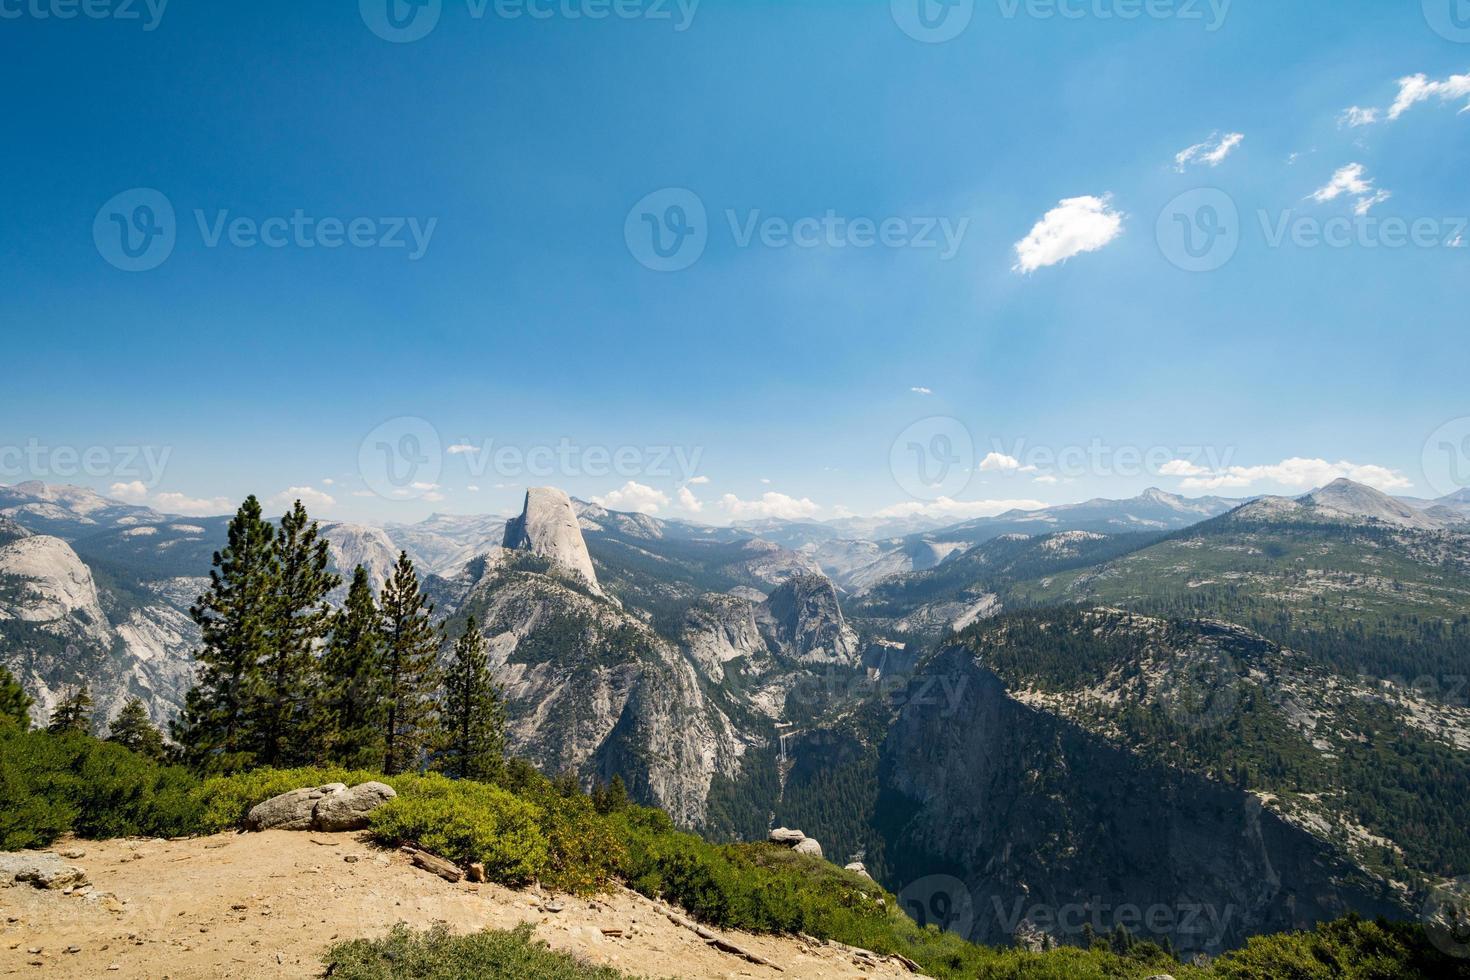 parque nacional de yosemite, california, estados unidos foto